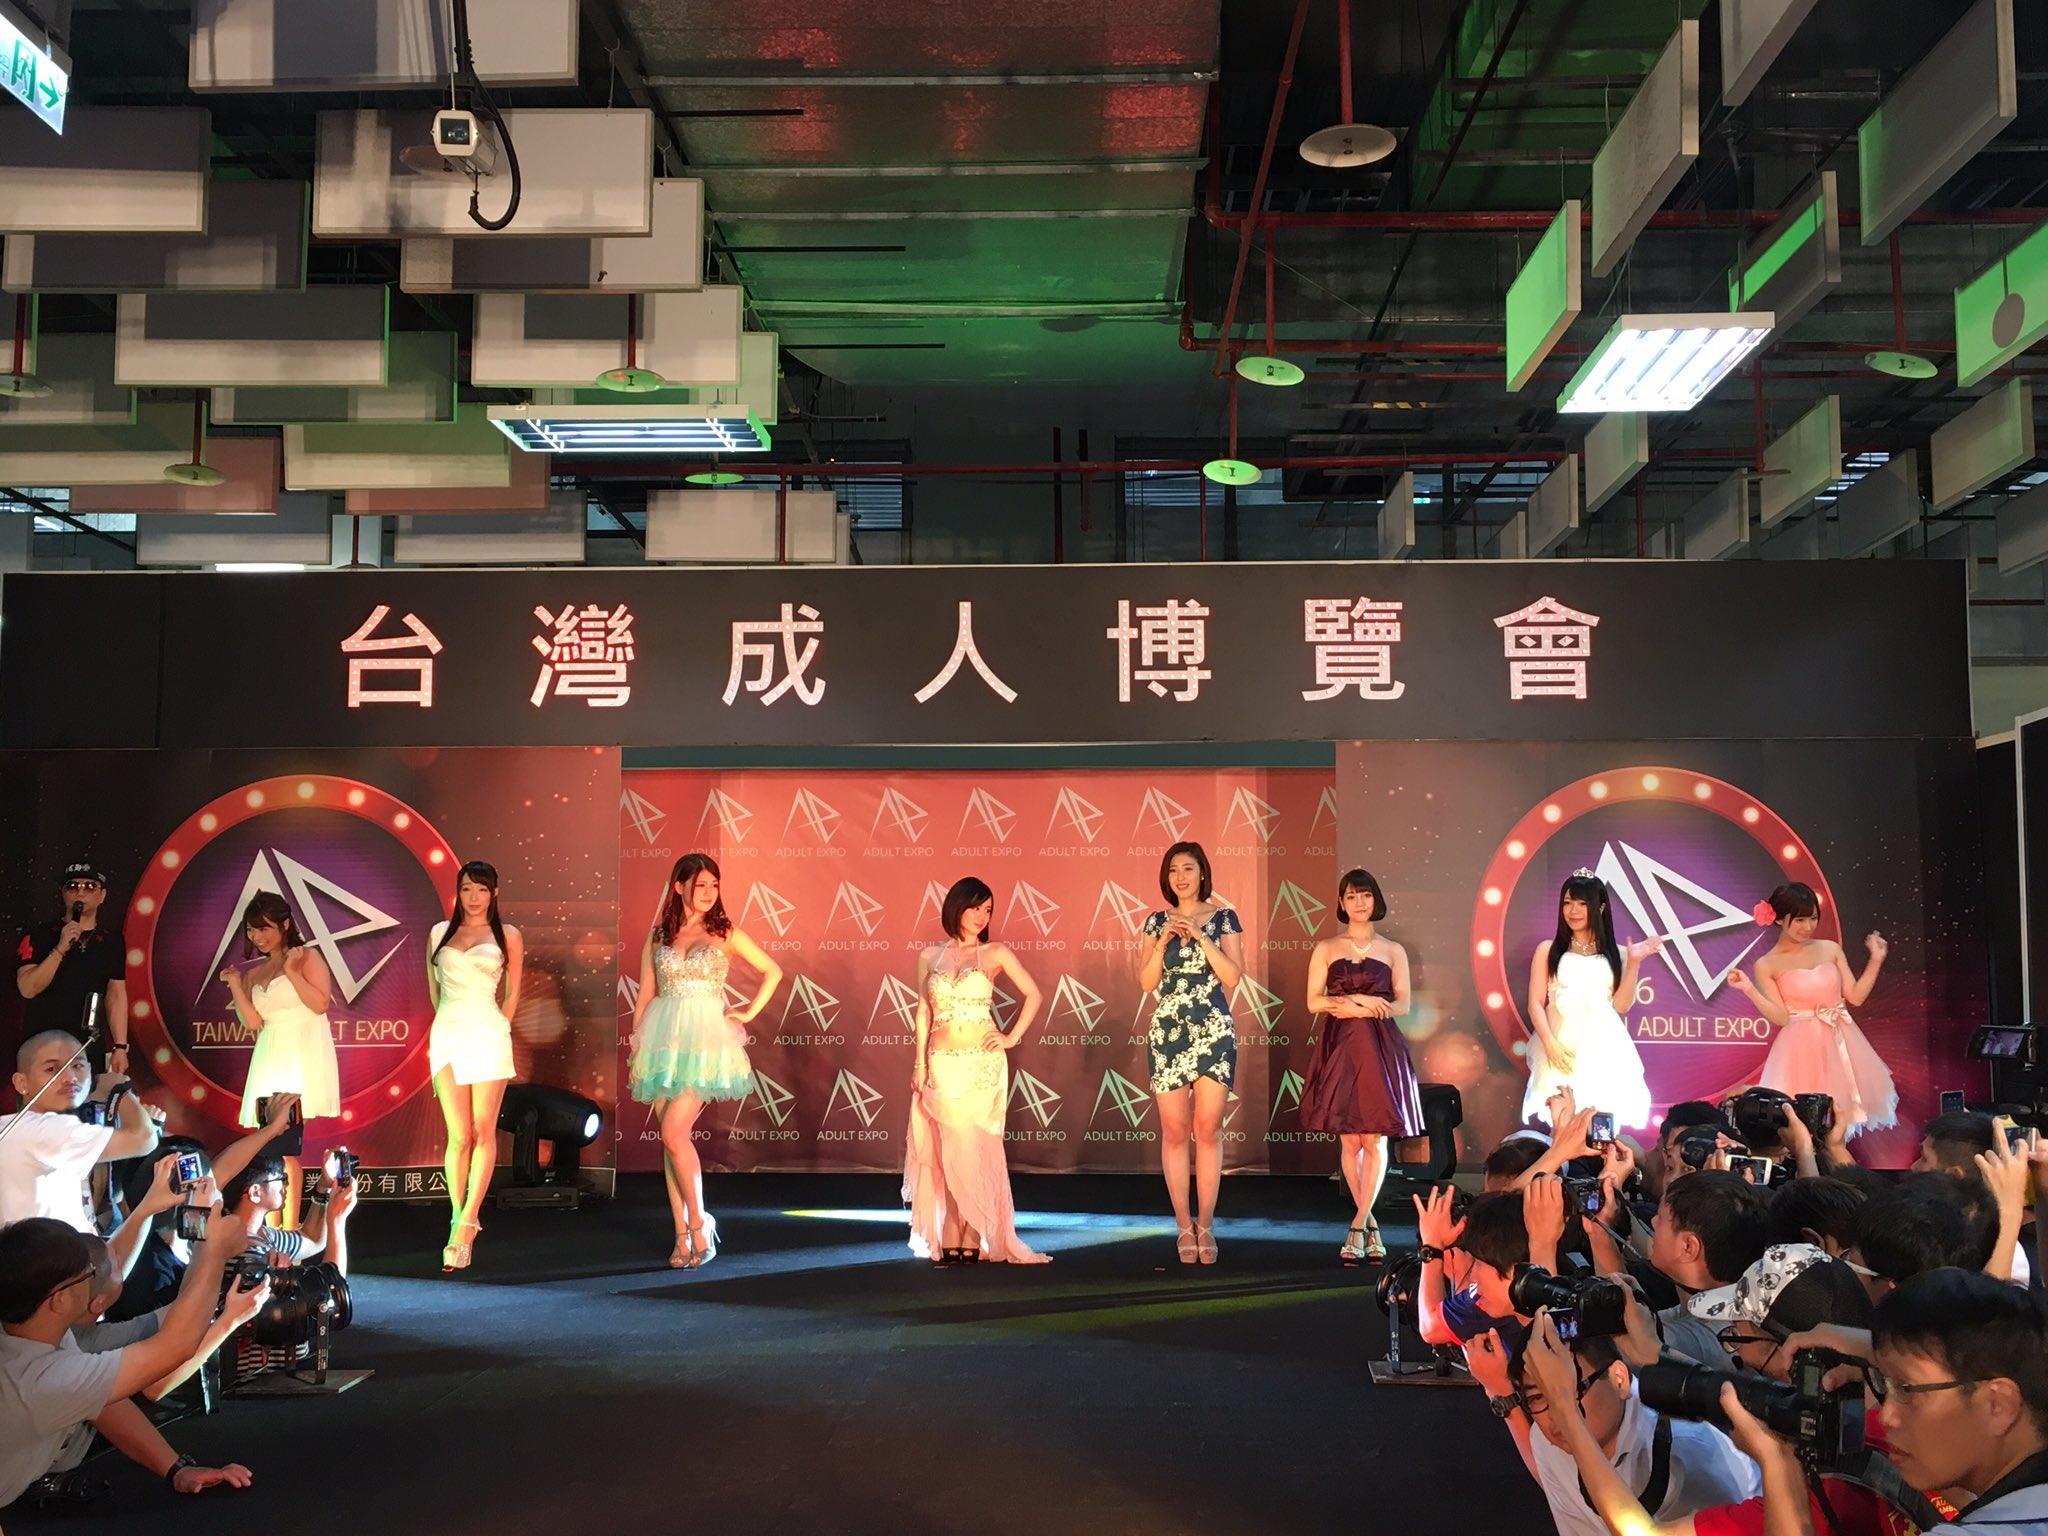 台湾アダルトエキスポ017